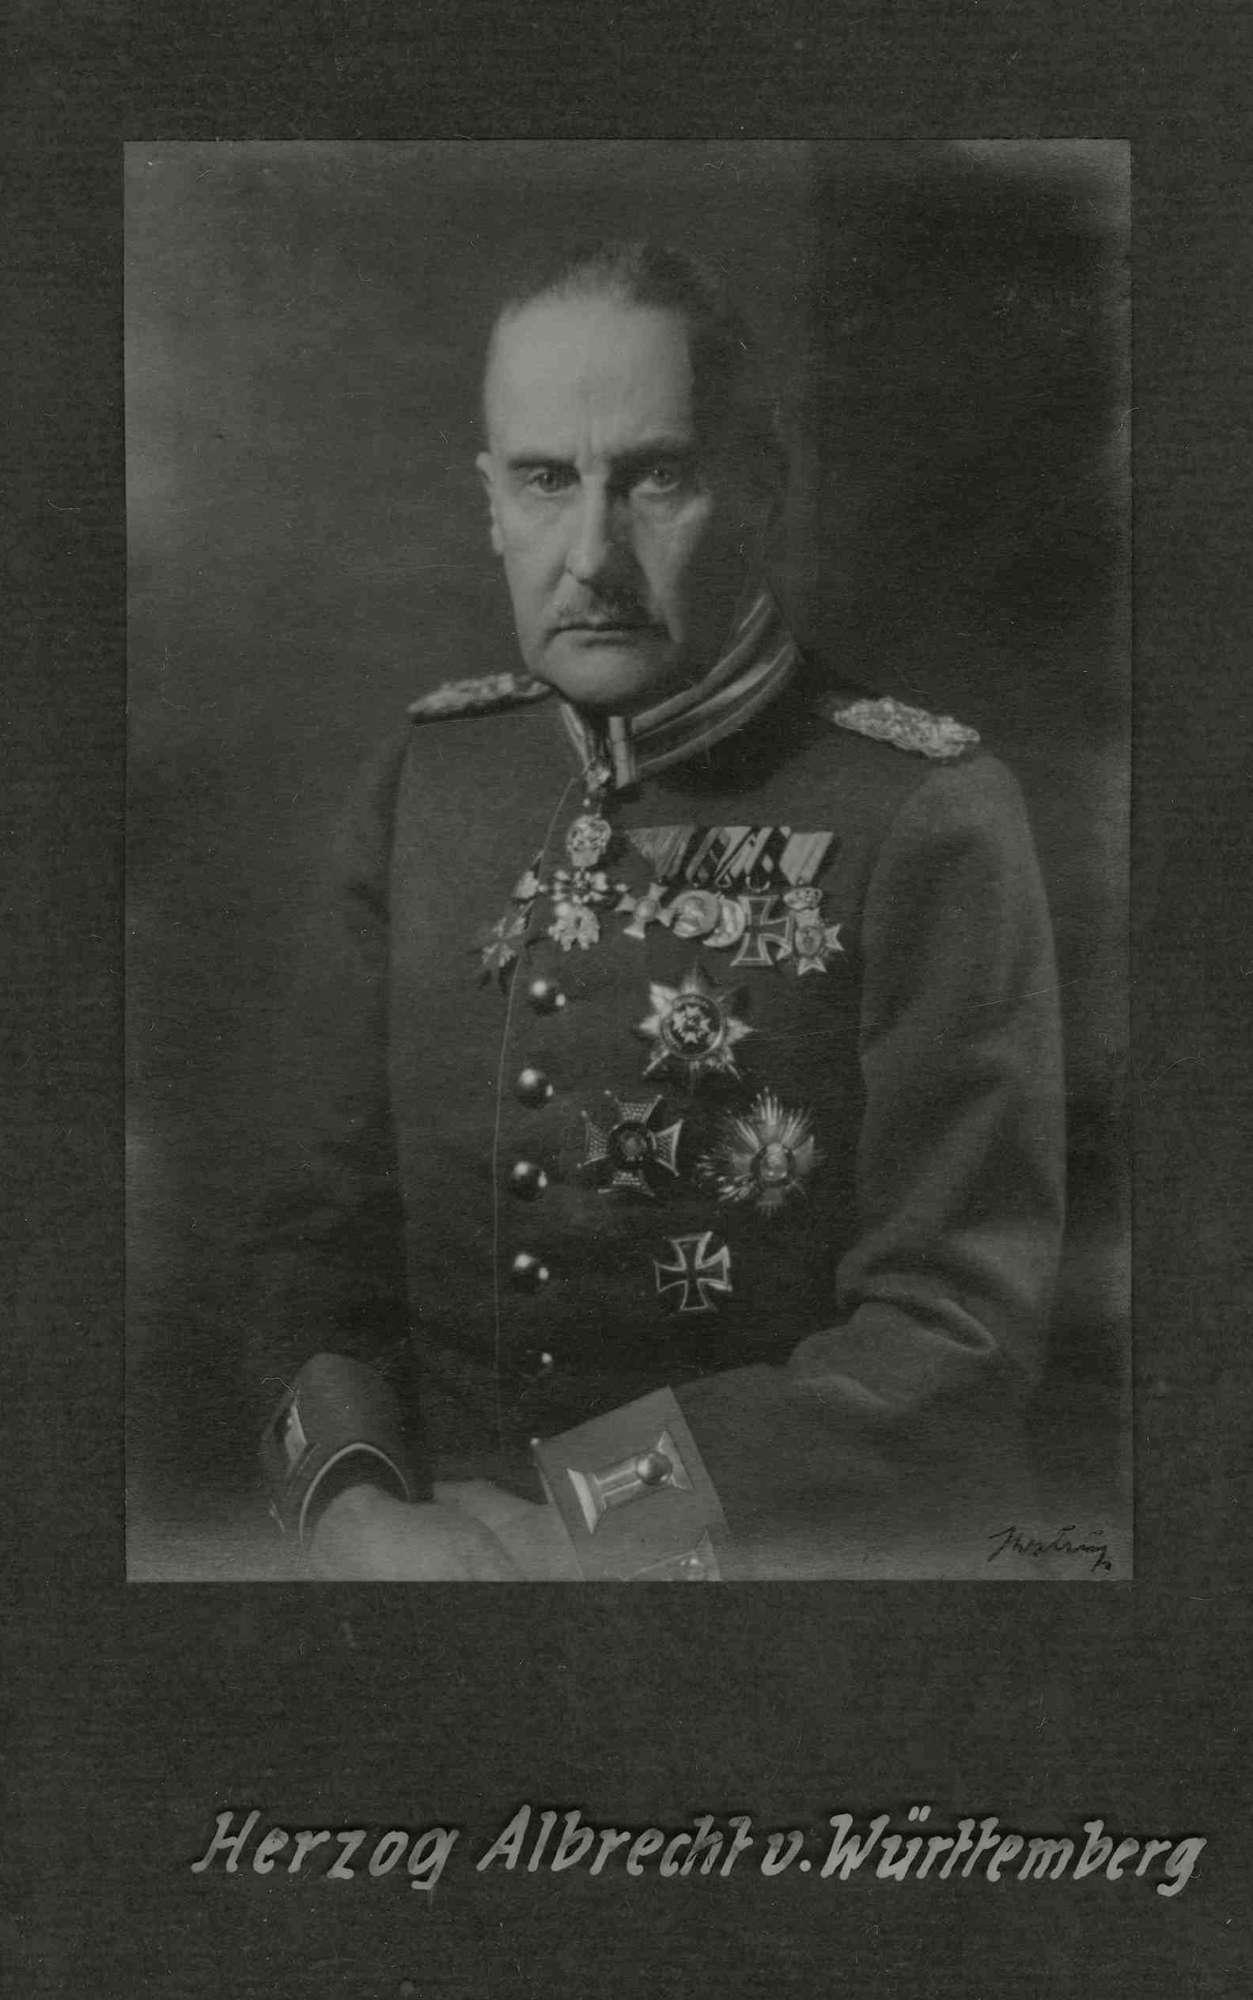 Herzog Albrecht von Württemberg, Generalfeldmarschall in Uniform mit Orden, Brustbild, Bild 1